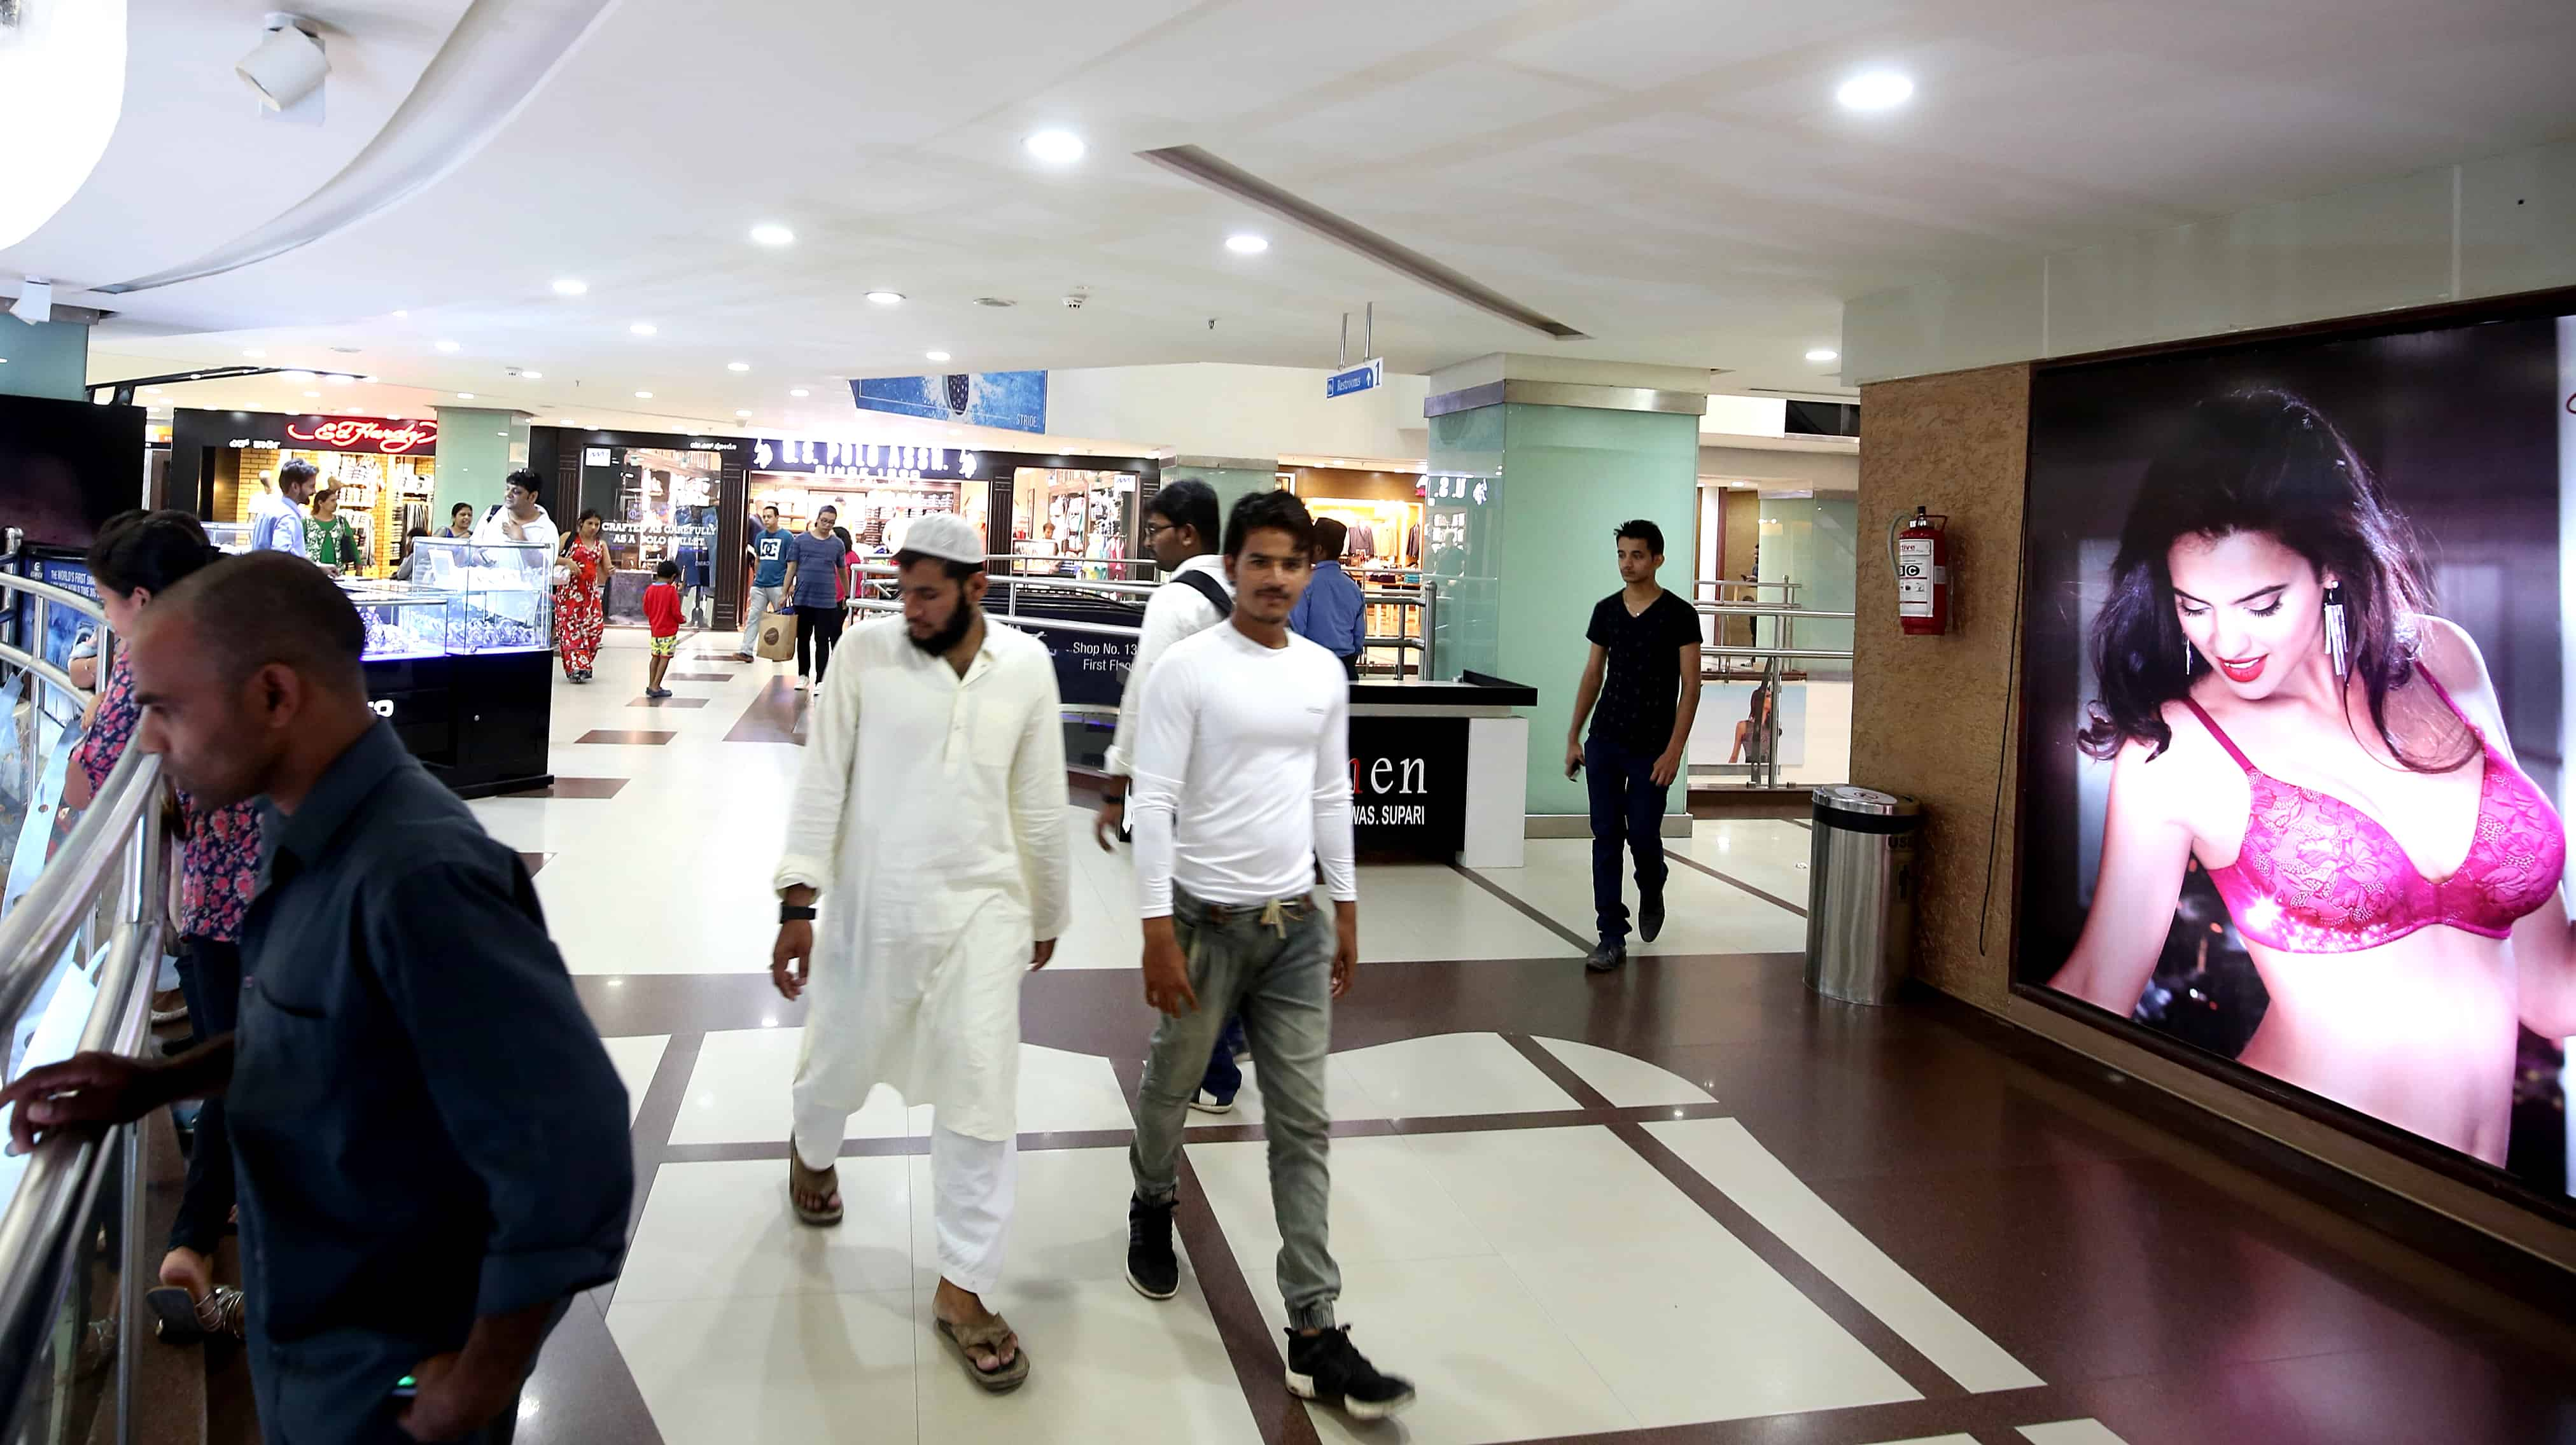 Mensen van allerlei culturen lopen door een winkelcentrum in Bangalore.